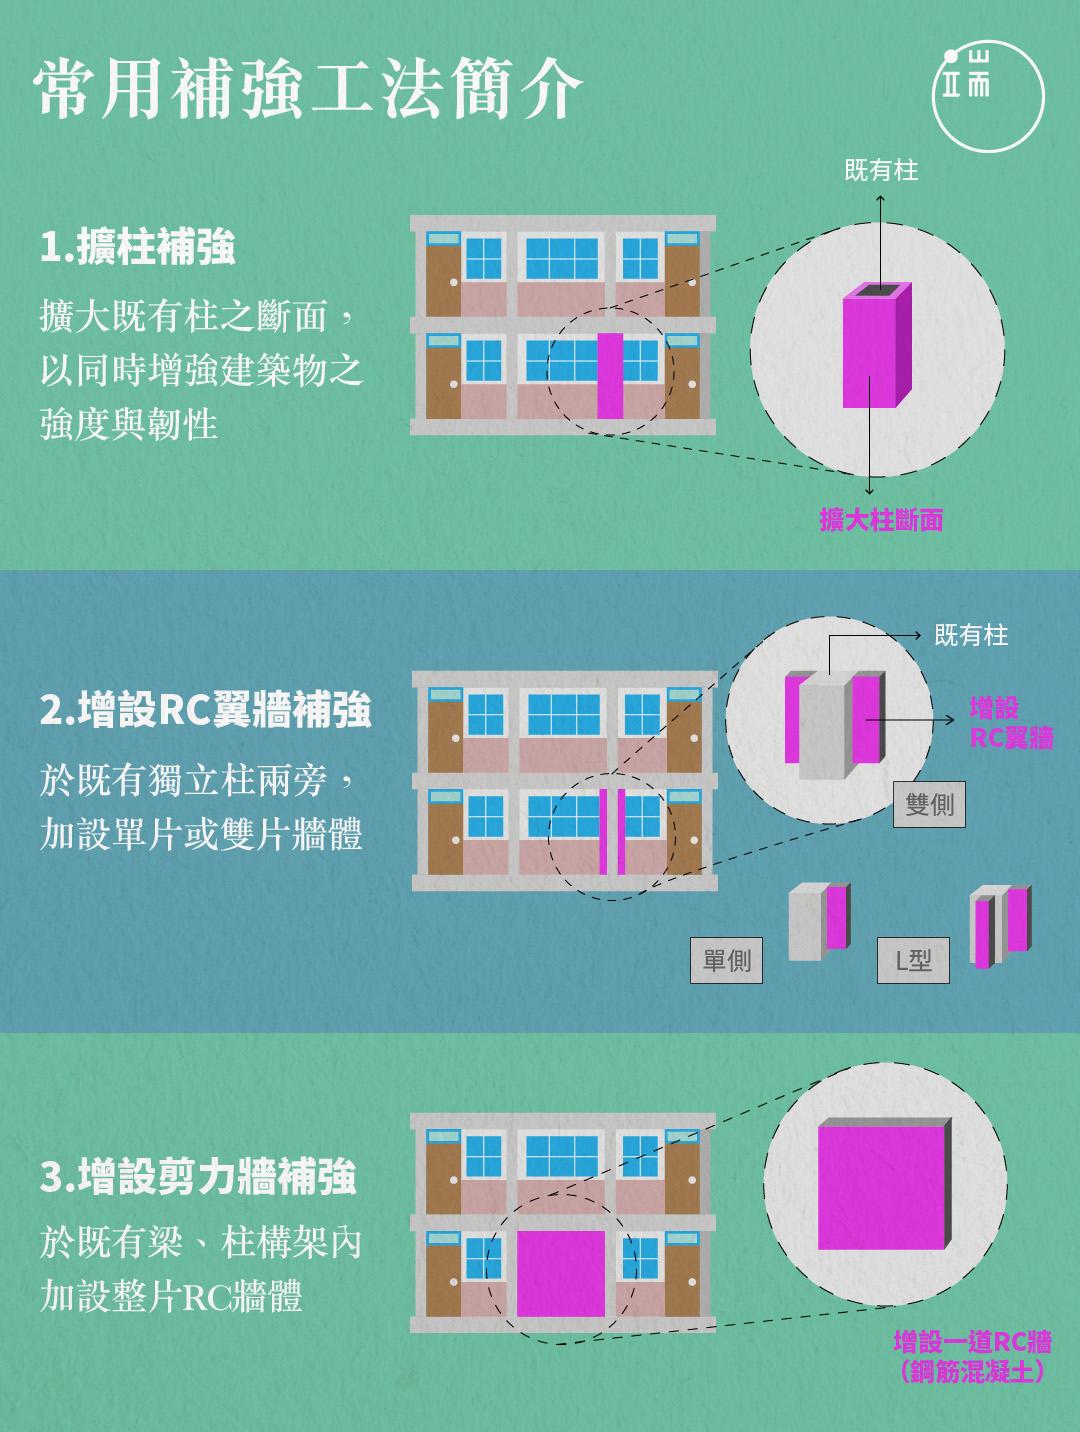 目前台灣中小學校園最常使用的耐震補強工法,包含「擴柱」、「增設翼牆」與「增設剪力牆」  三種方法。